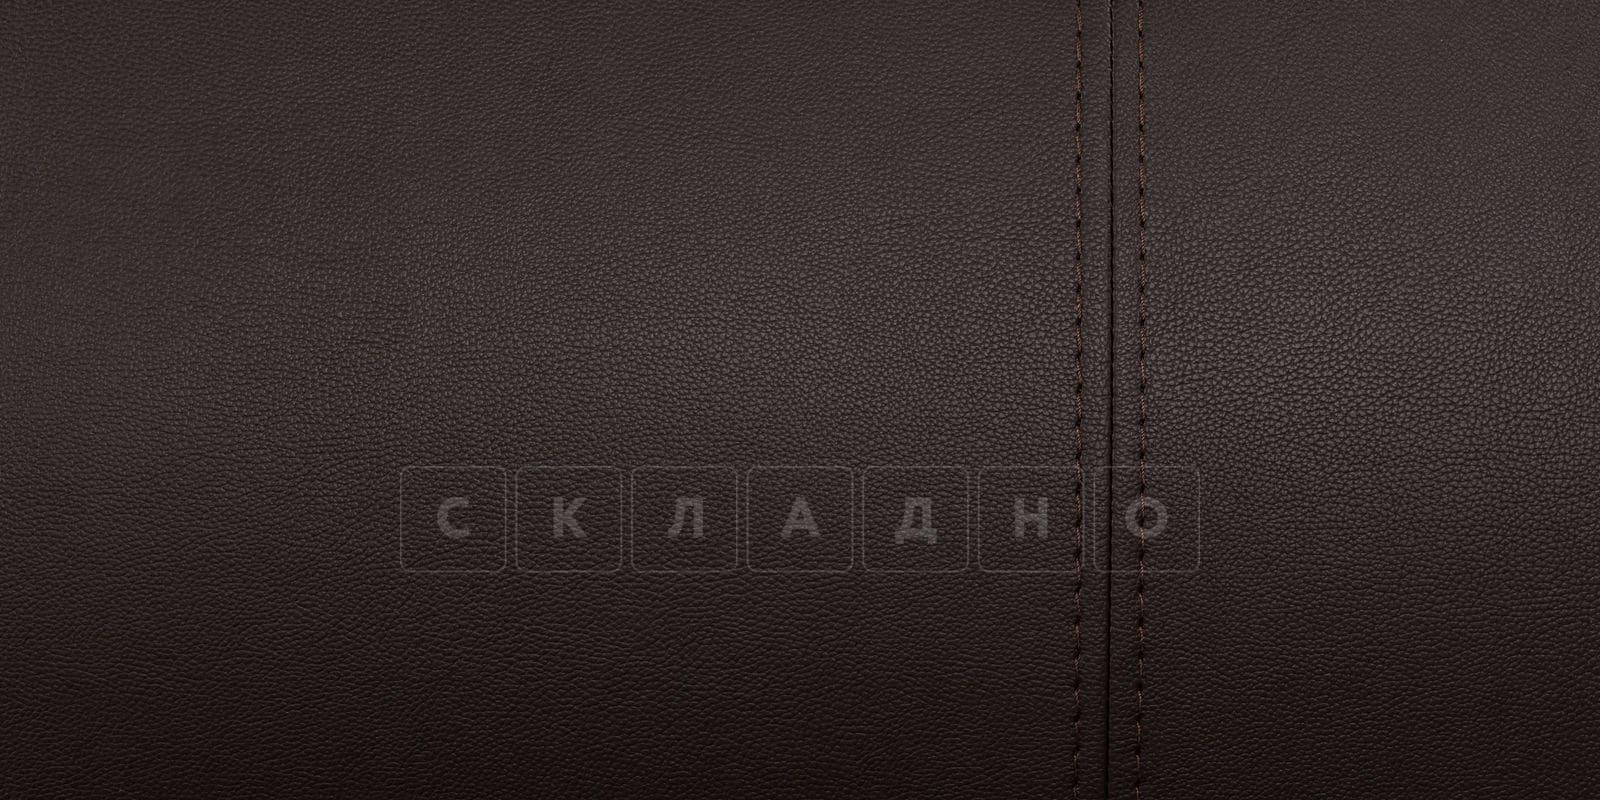 Мягкая кровать Афина 160см экокожа коричневого цвета фото 8   интернет-магазин Складно